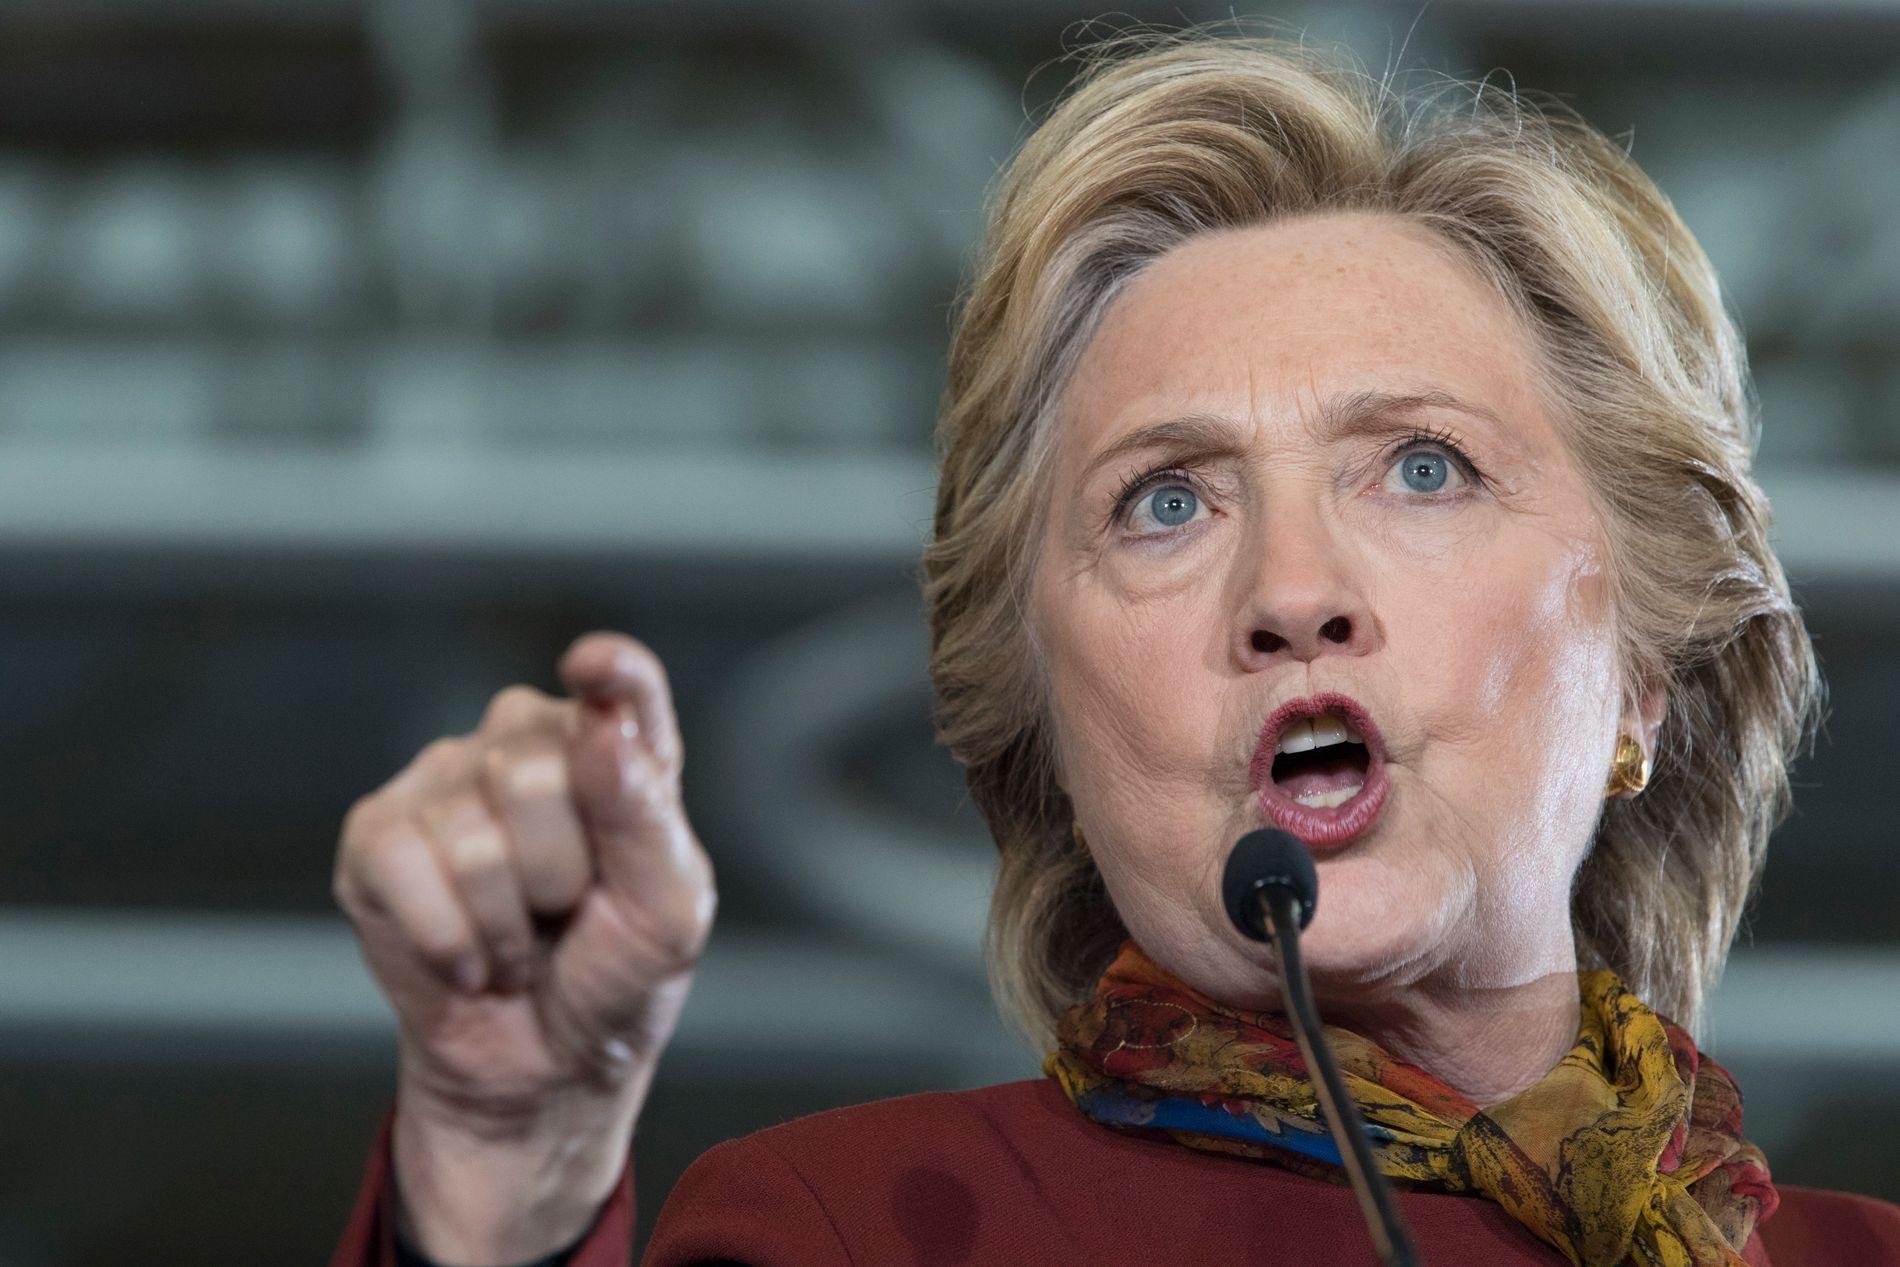 MOTKANDIDAT: Hillary Clinton fra Det demokratiske partiet.